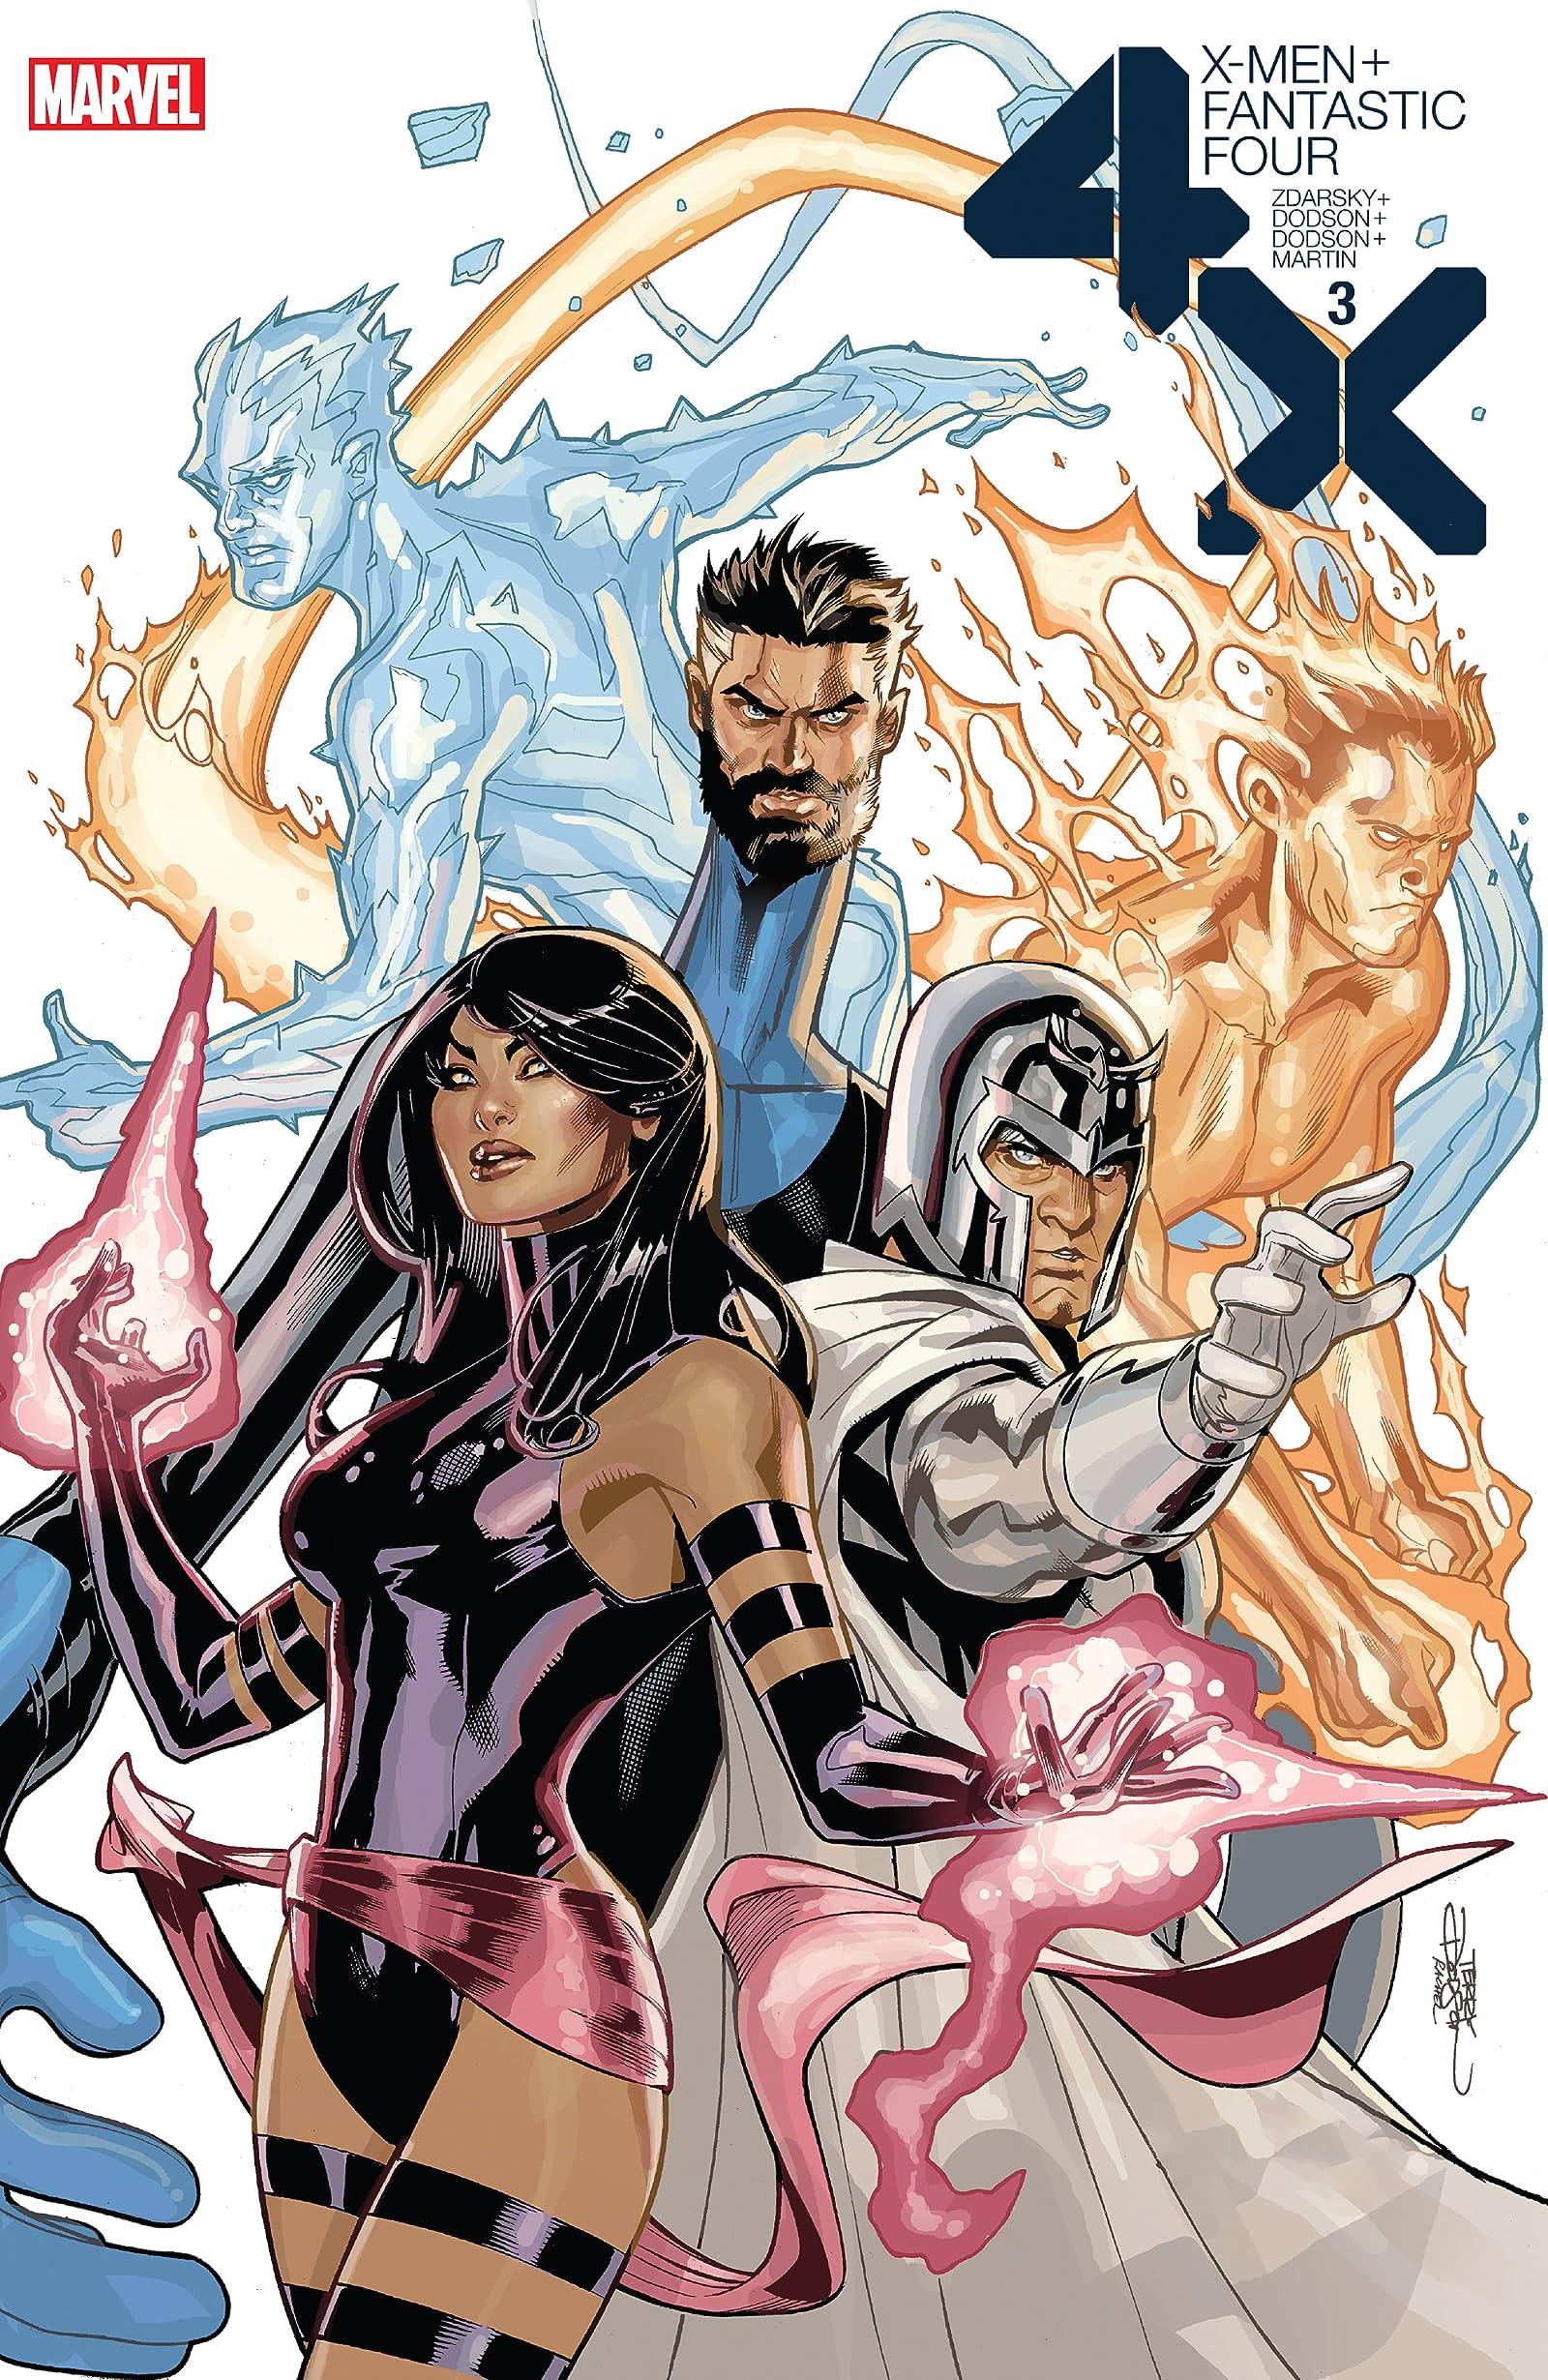 X Men Fantastic Four 2020 No 3 Sur 4 Comics De Comixology Web